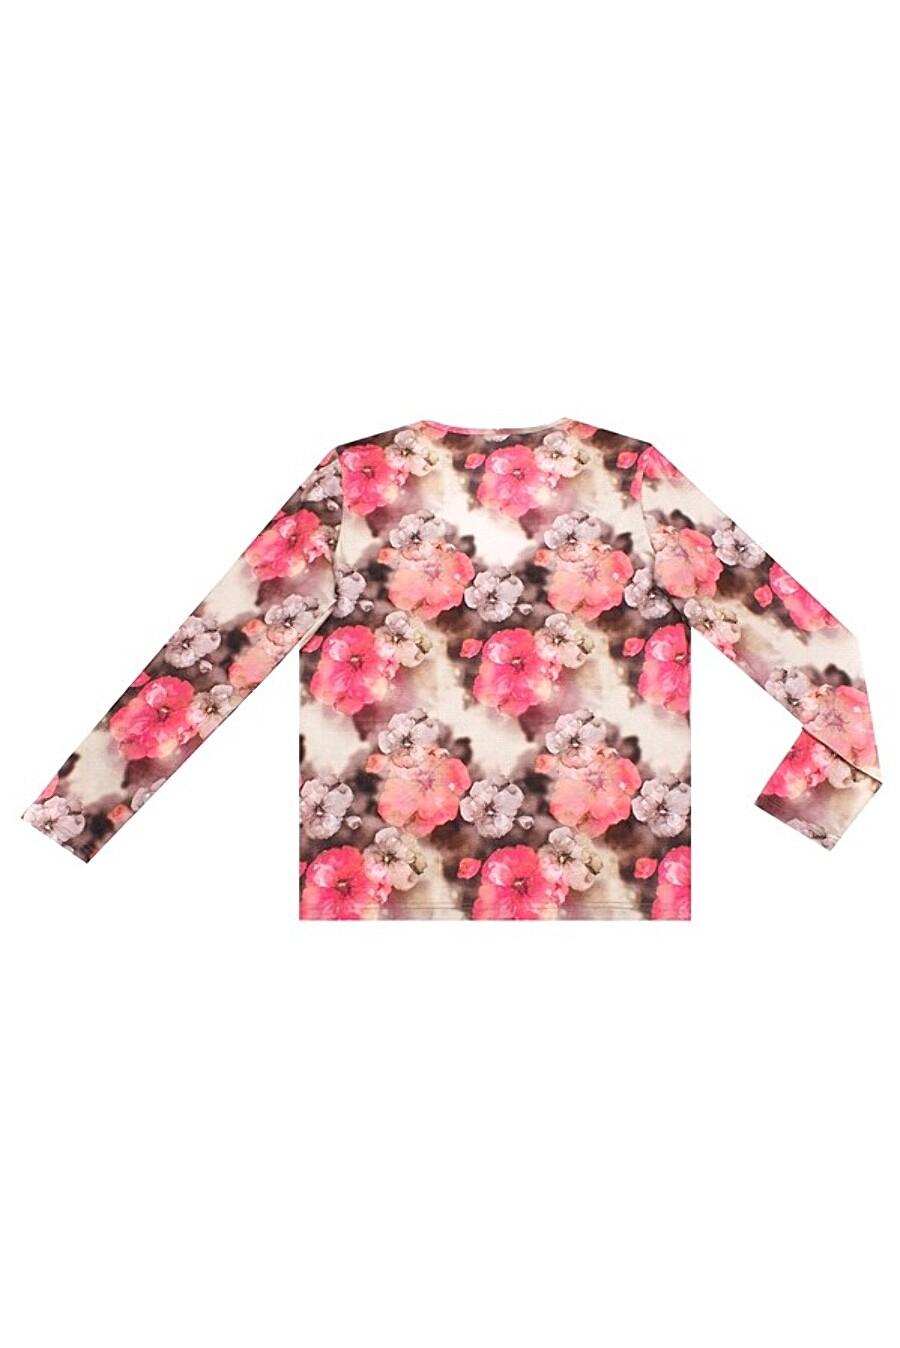 Лонгслив  для женщин АПРЕЛЬ 700643 купить оптом от производителя. Совместная покупка женской одежды в OptMoyo